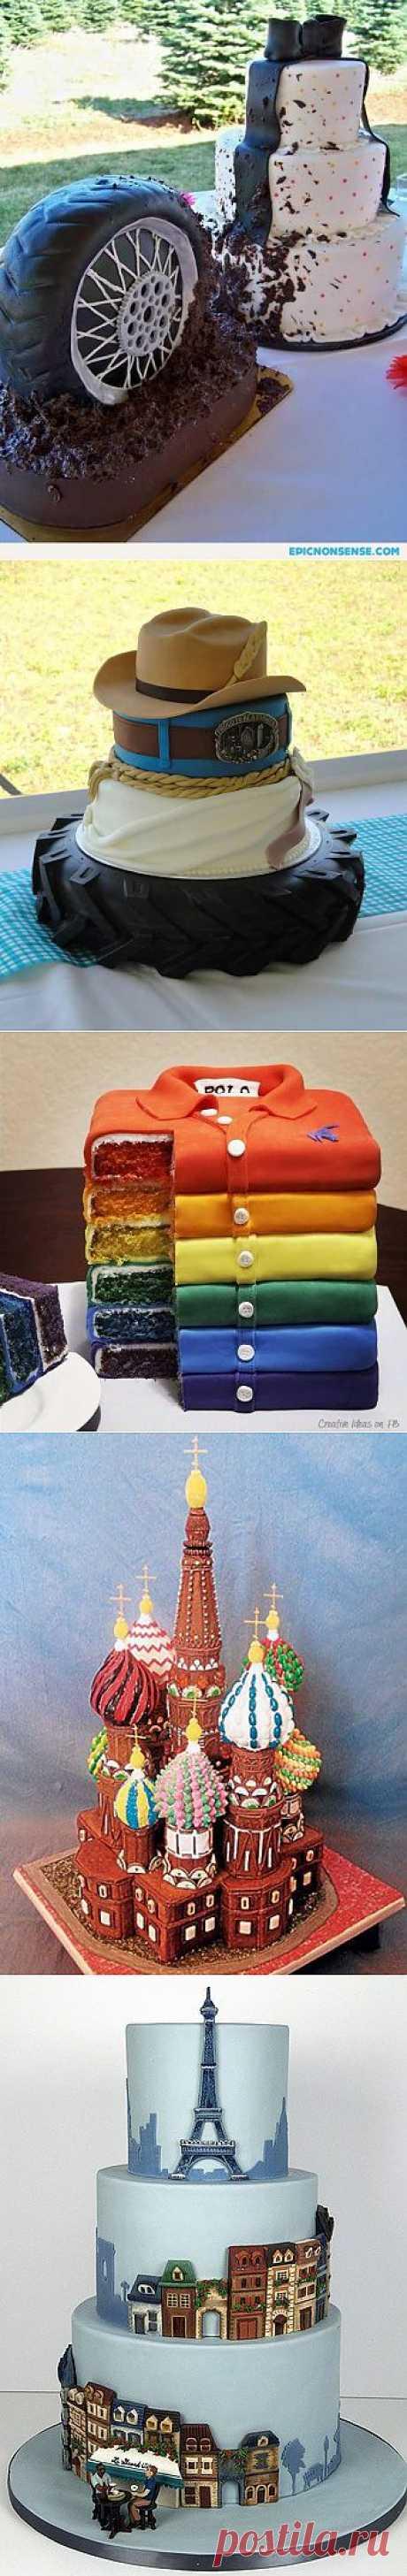 10 самых креативных тортиков по мнению Моря Идей | Море идей